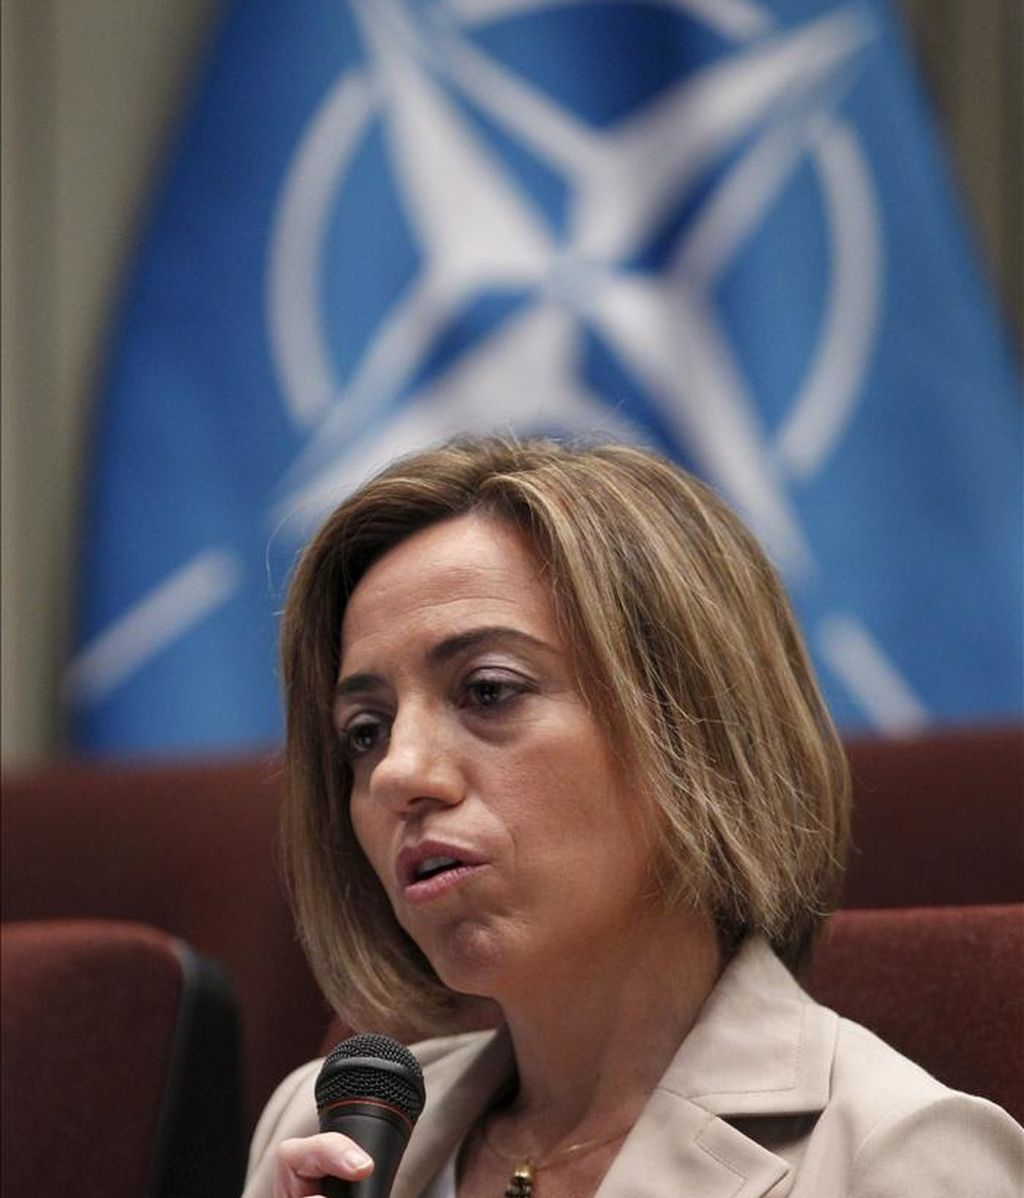 La ministra de Defensa, Carme Chacón. EFE/Archivo